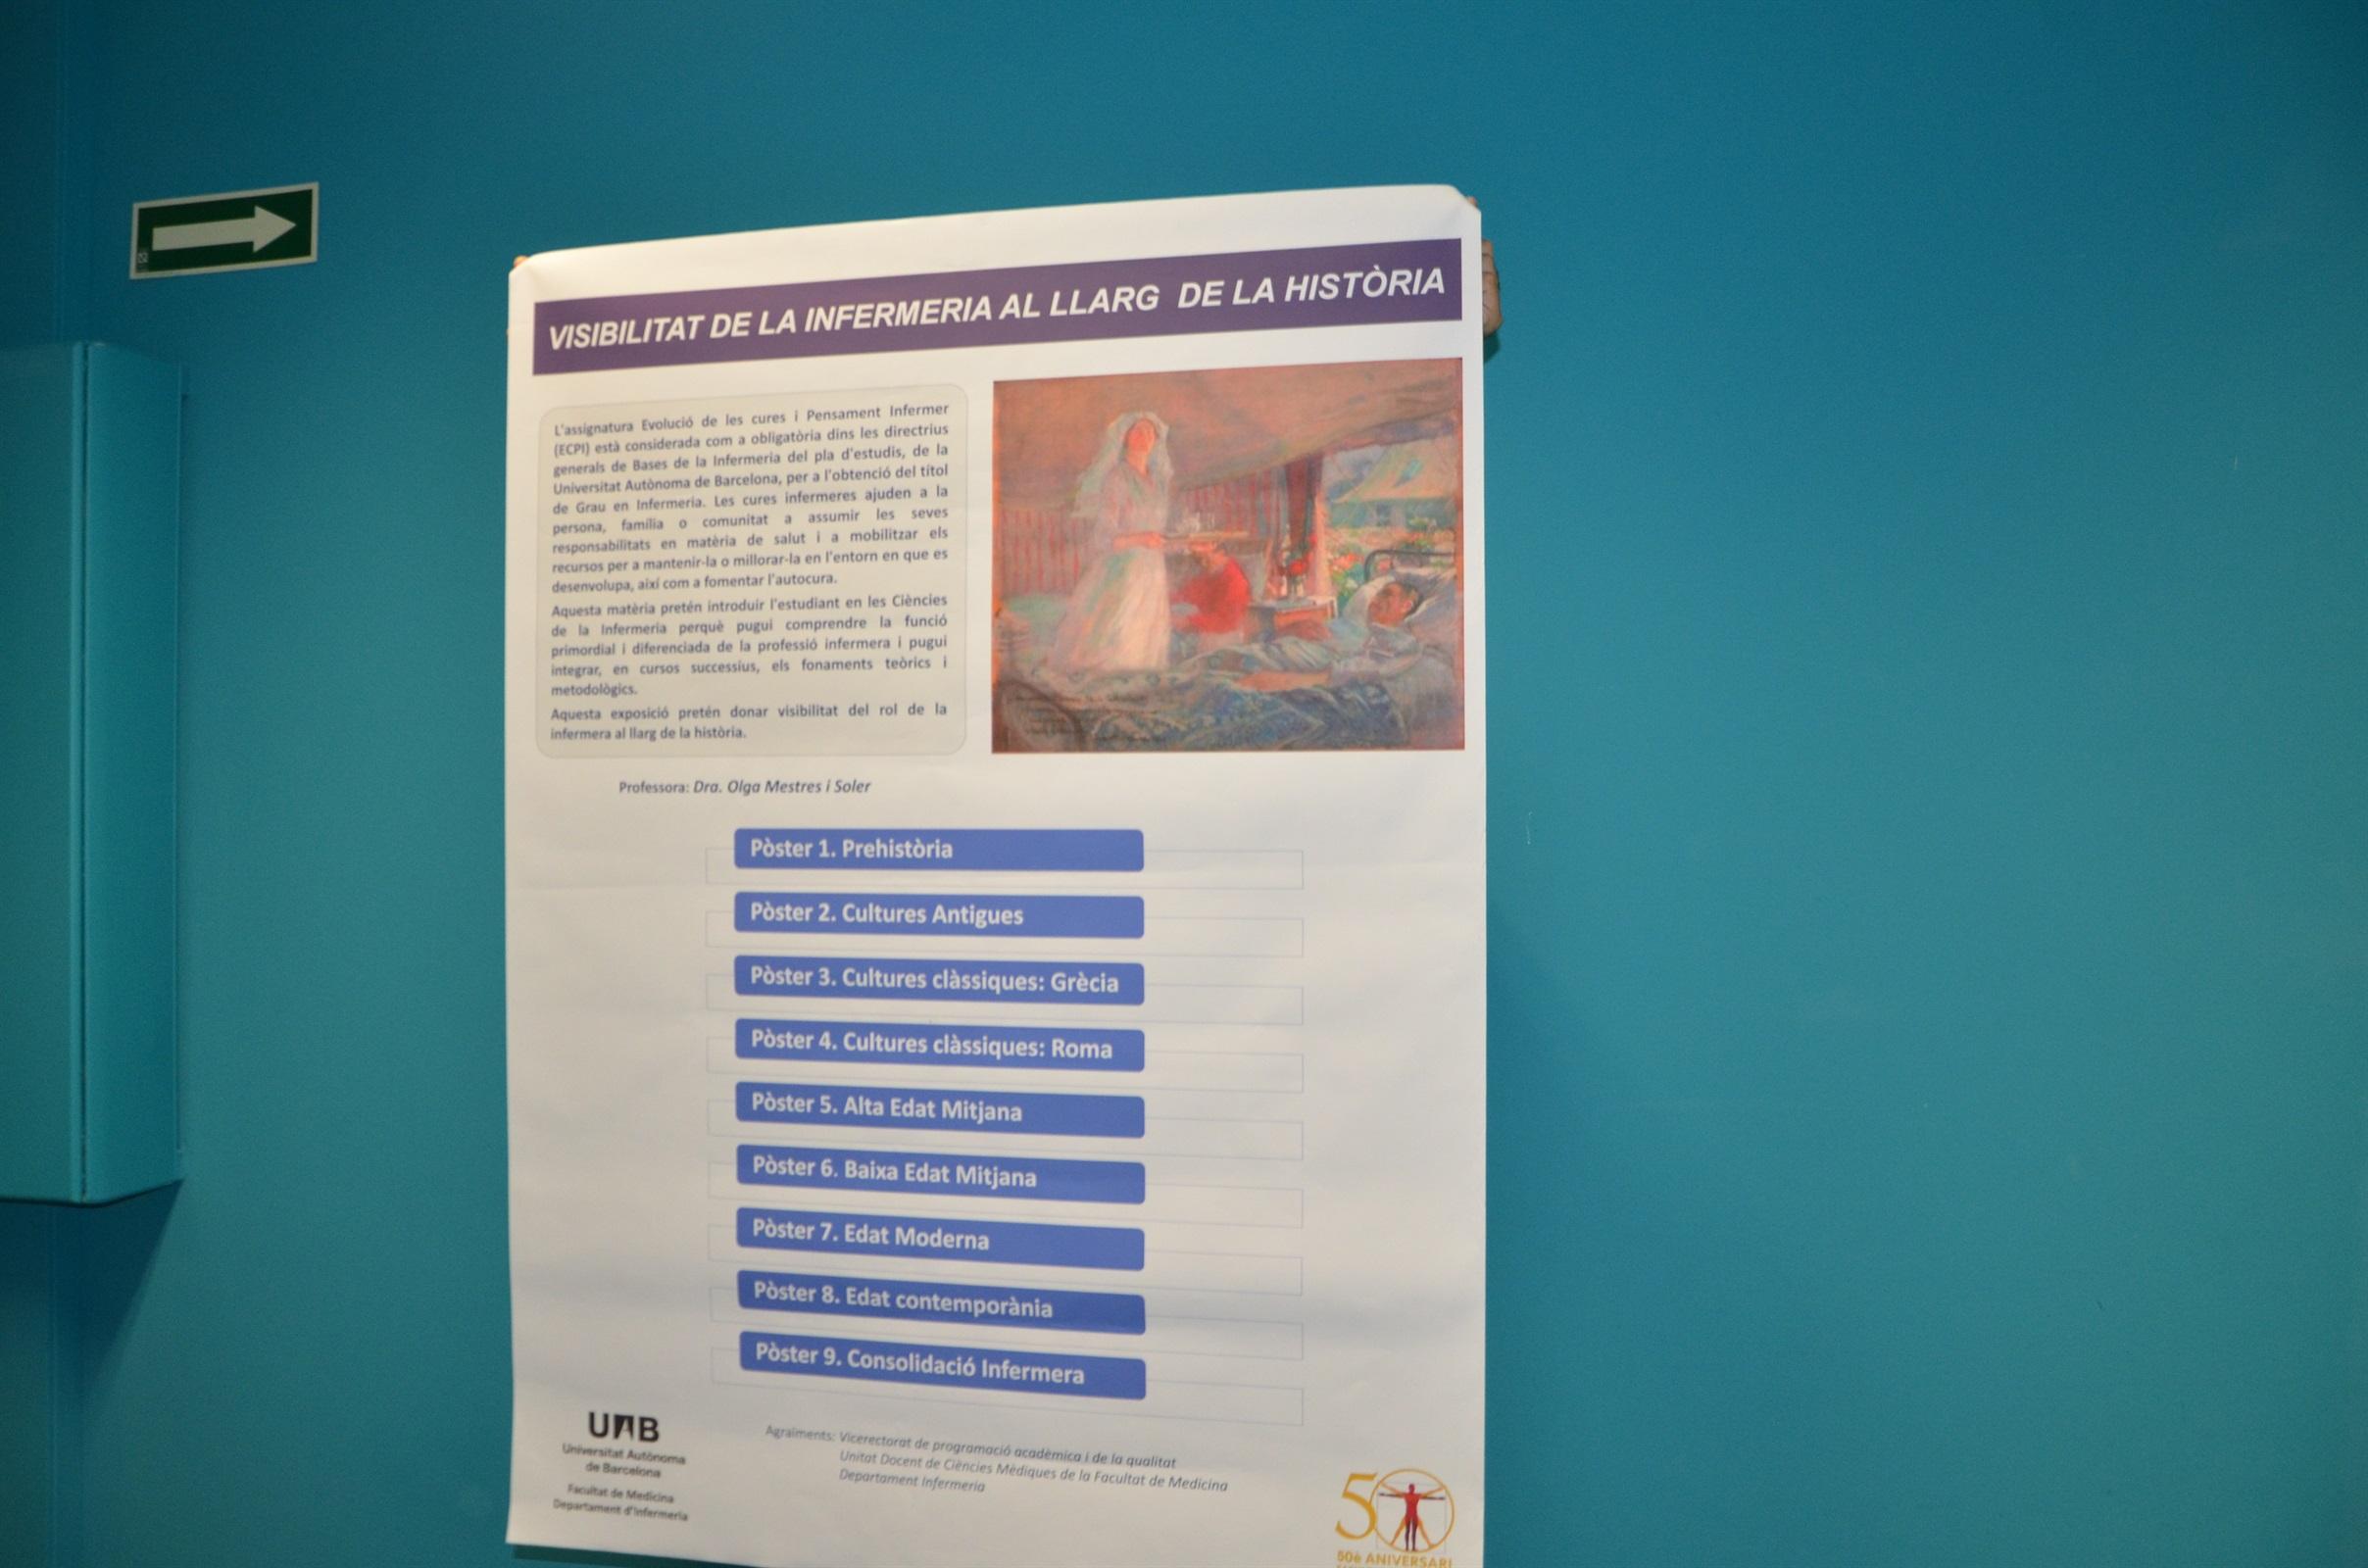 La Biblioteca del COIB acull una nova exposició sobre el rol de la infermera al llarg de la història